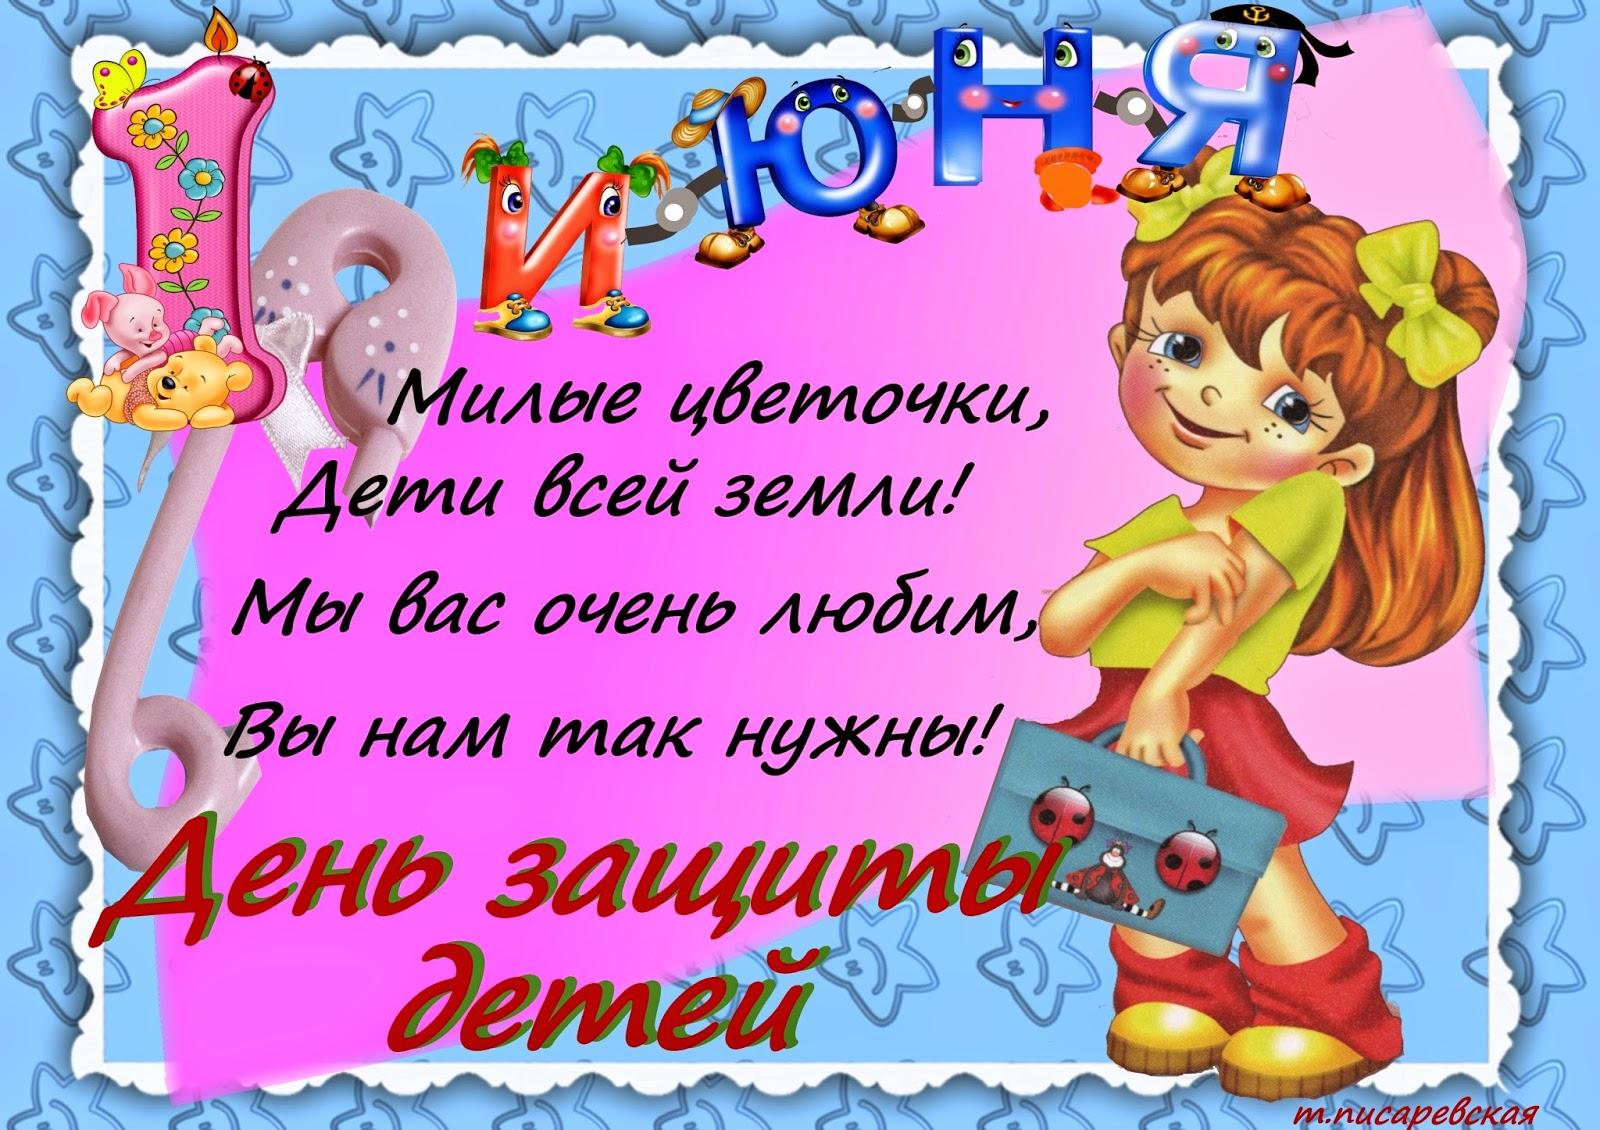 Поздравления для детей к дню защиты детей